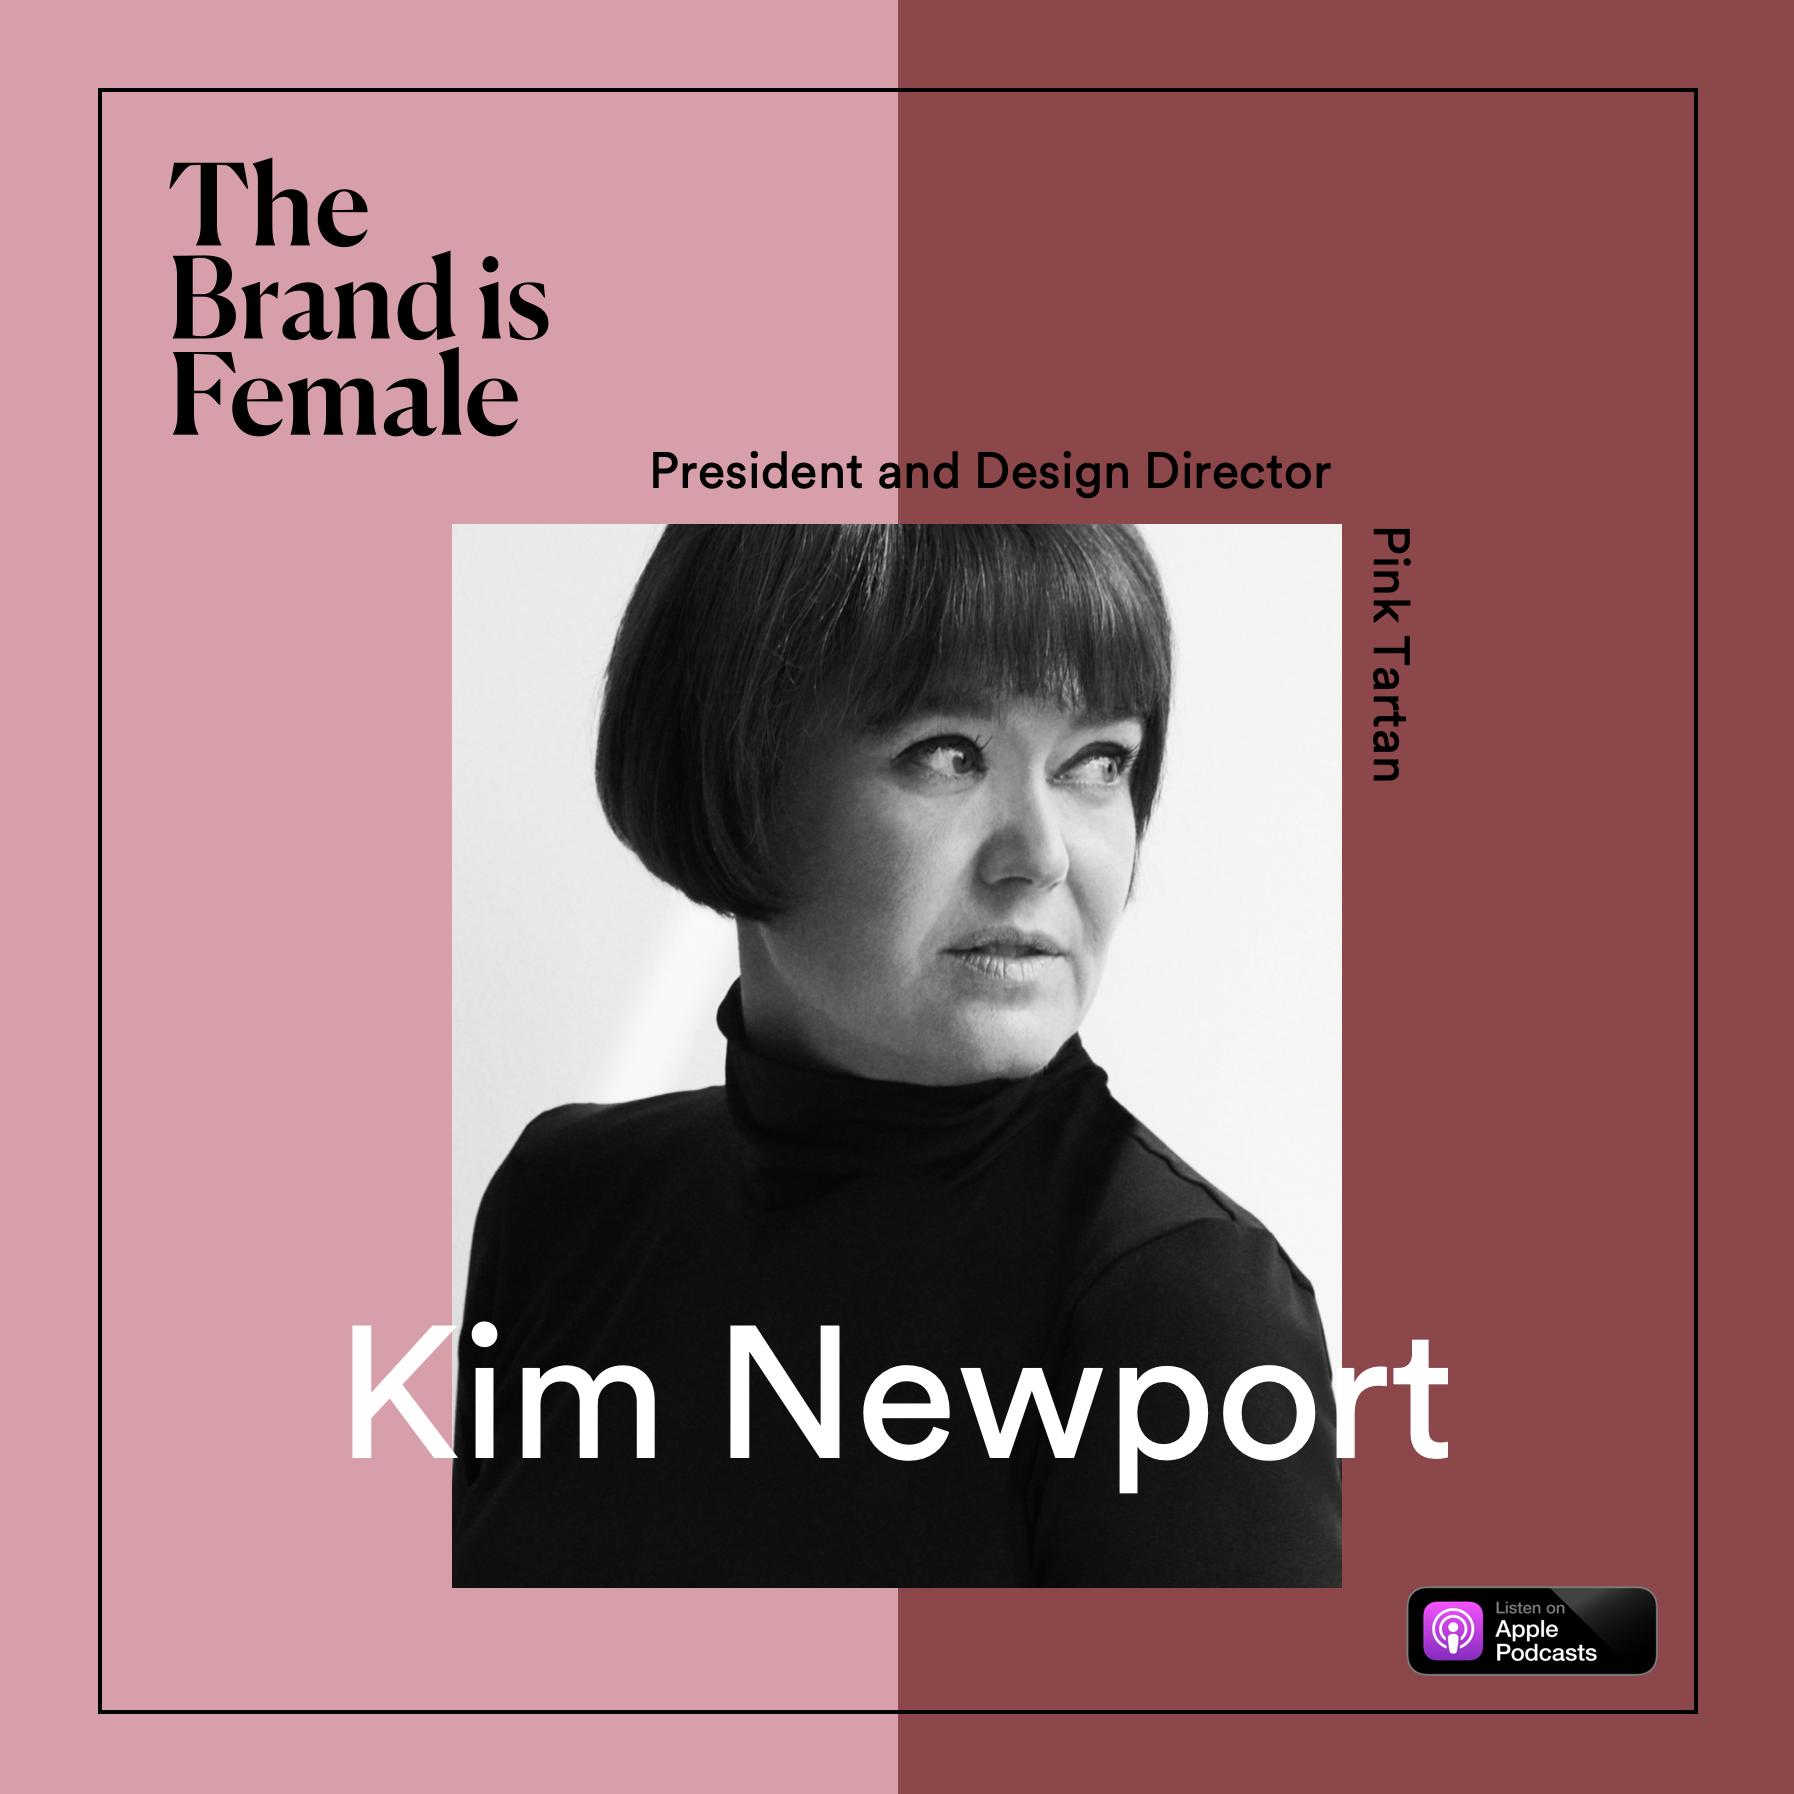 Kim Newport